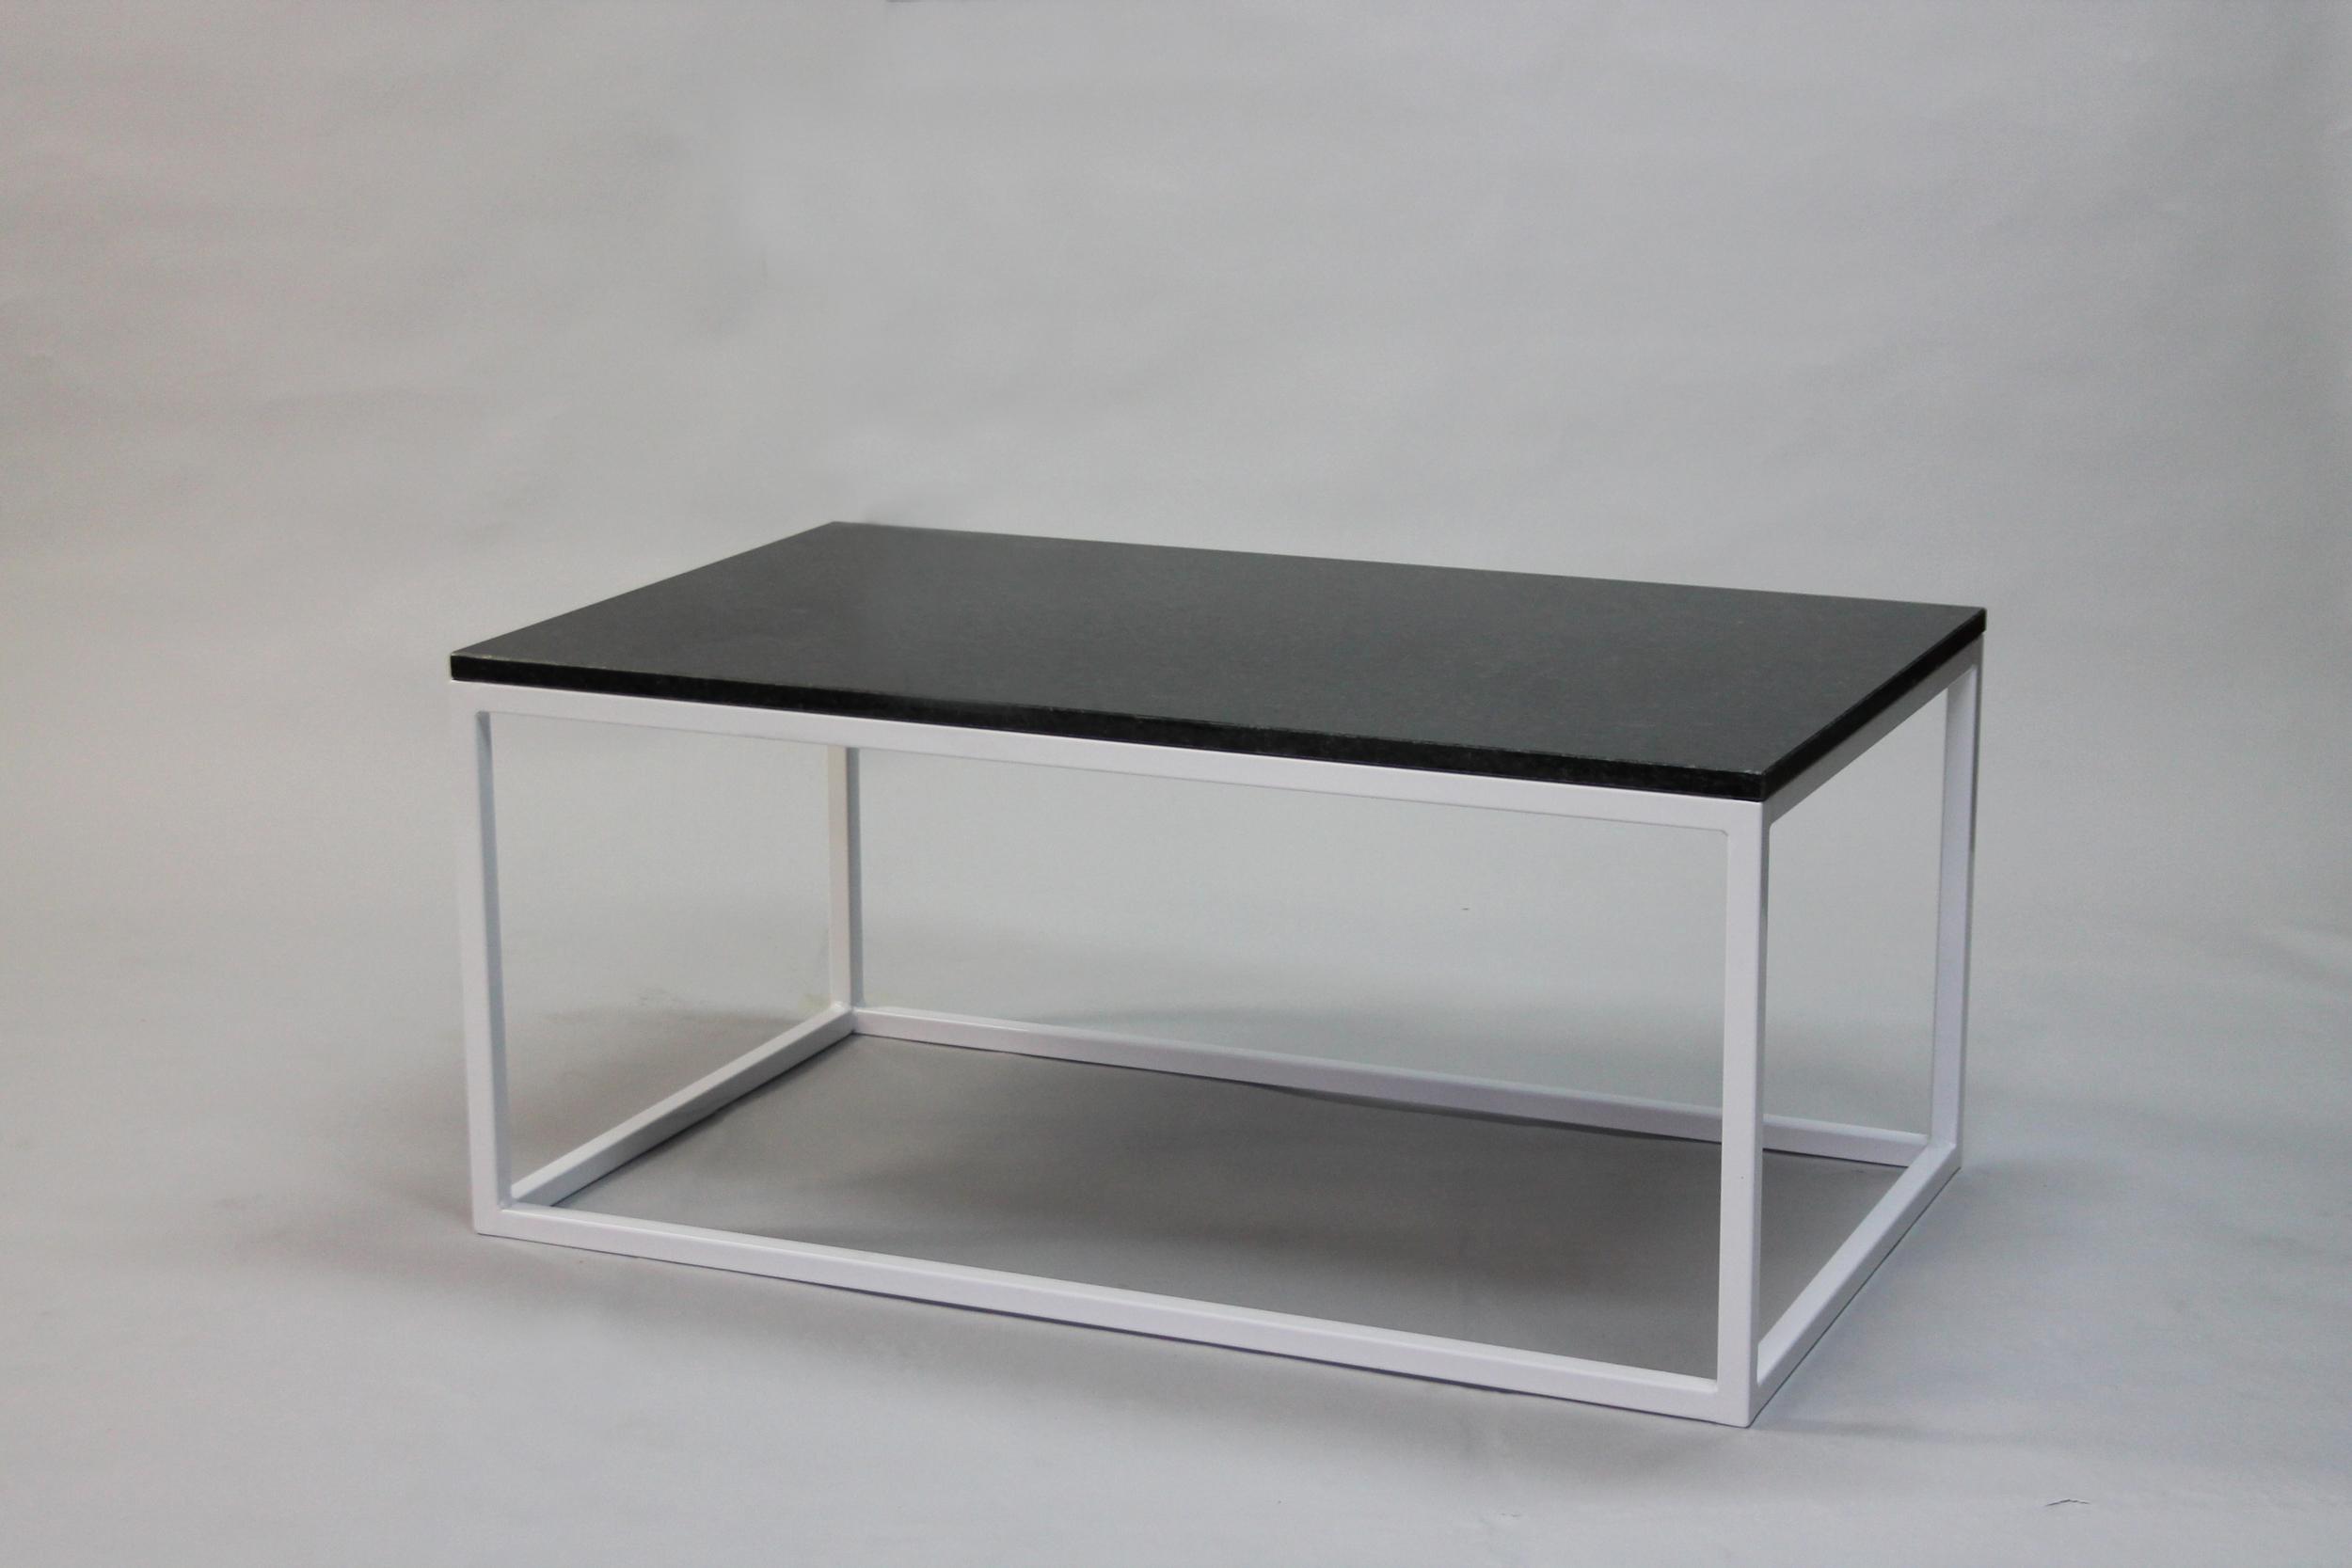 Granitbord - 100x60 x  45  cm, vitt underrede kub   SLUT!